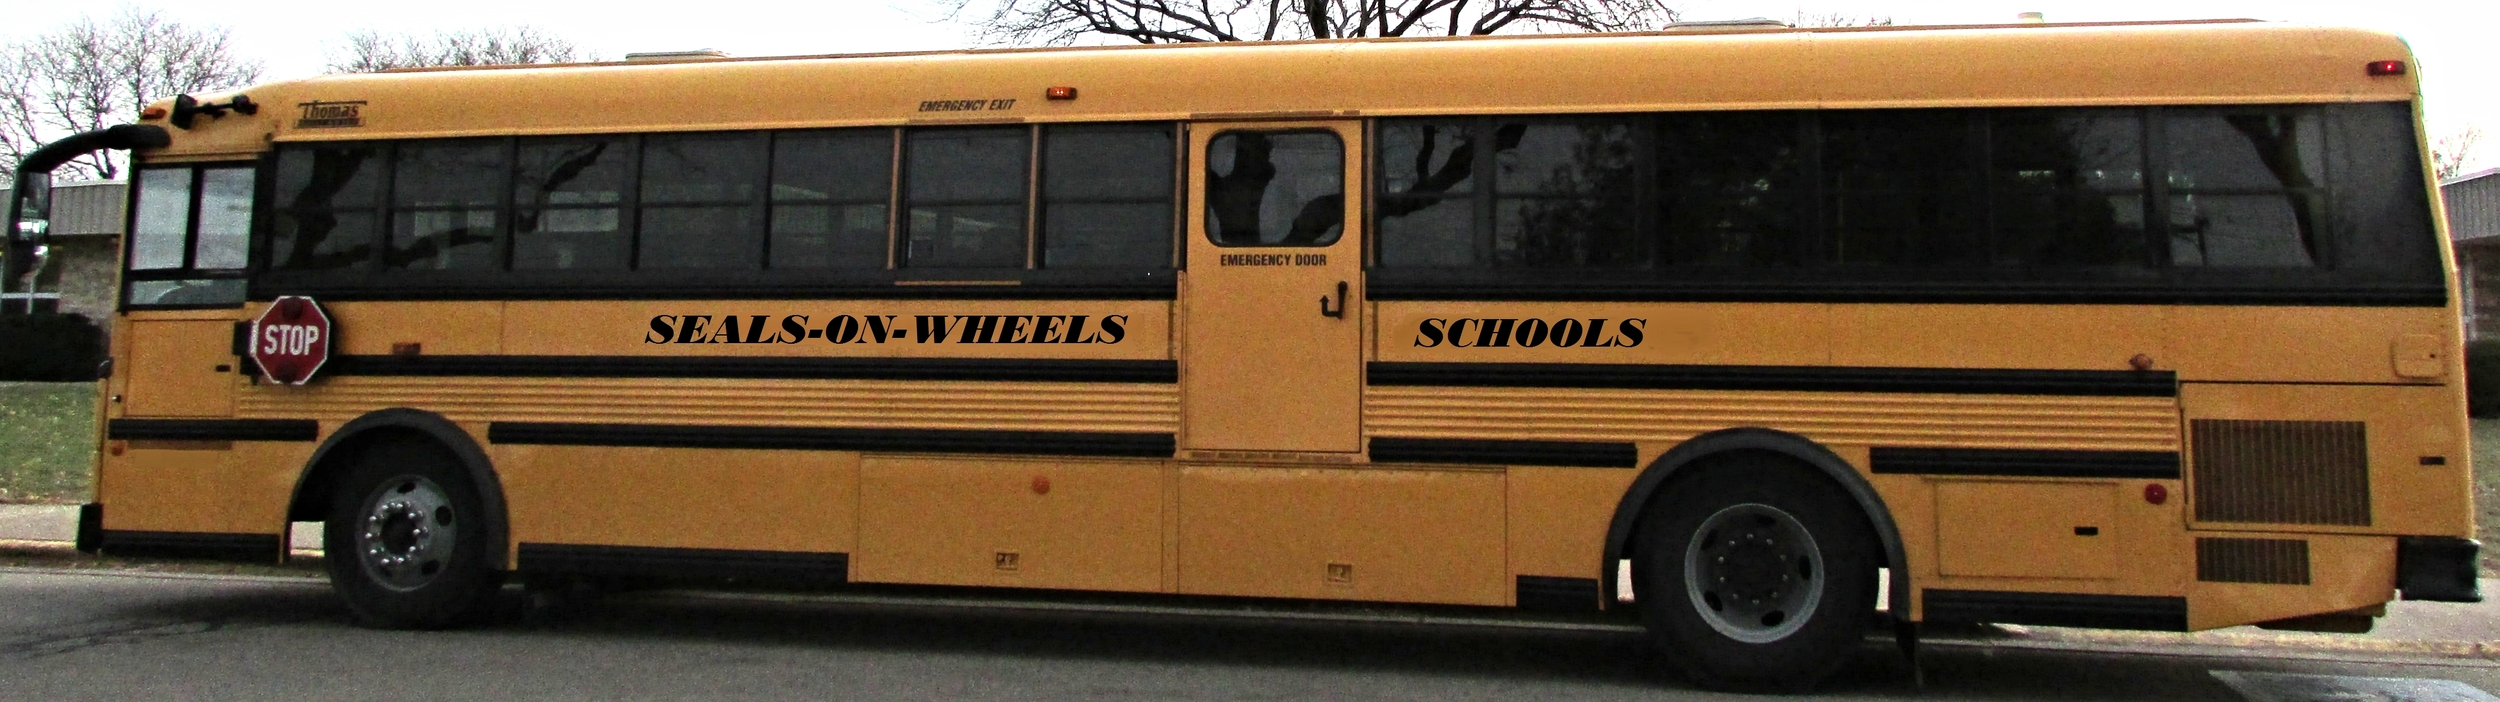 Seals-On-Wheels Oral Health Program of Wisconsin (school bus)